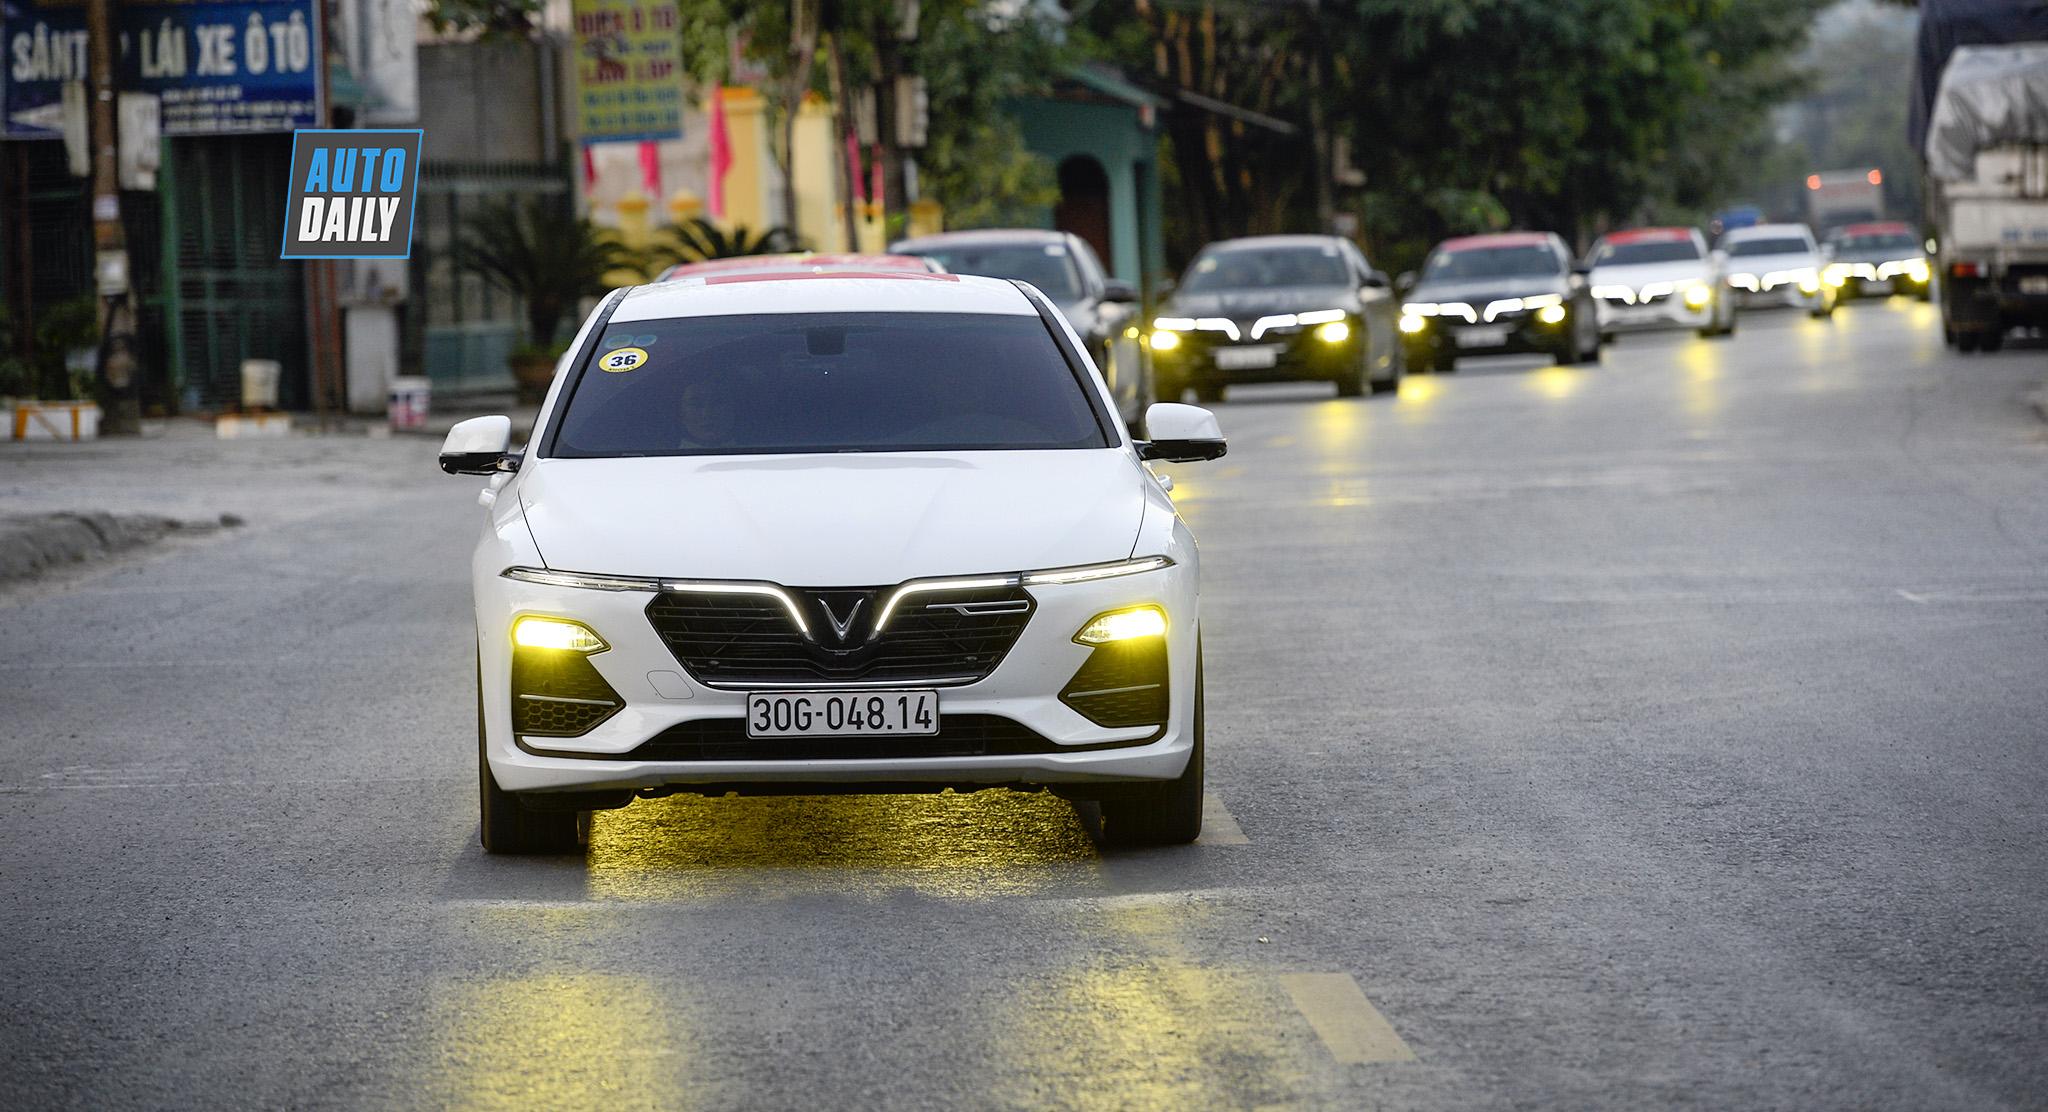 Giành huy chương vàng Seagames, HLV Mai Đức Chung được tặng 1 xe VinFast Lux A2.0